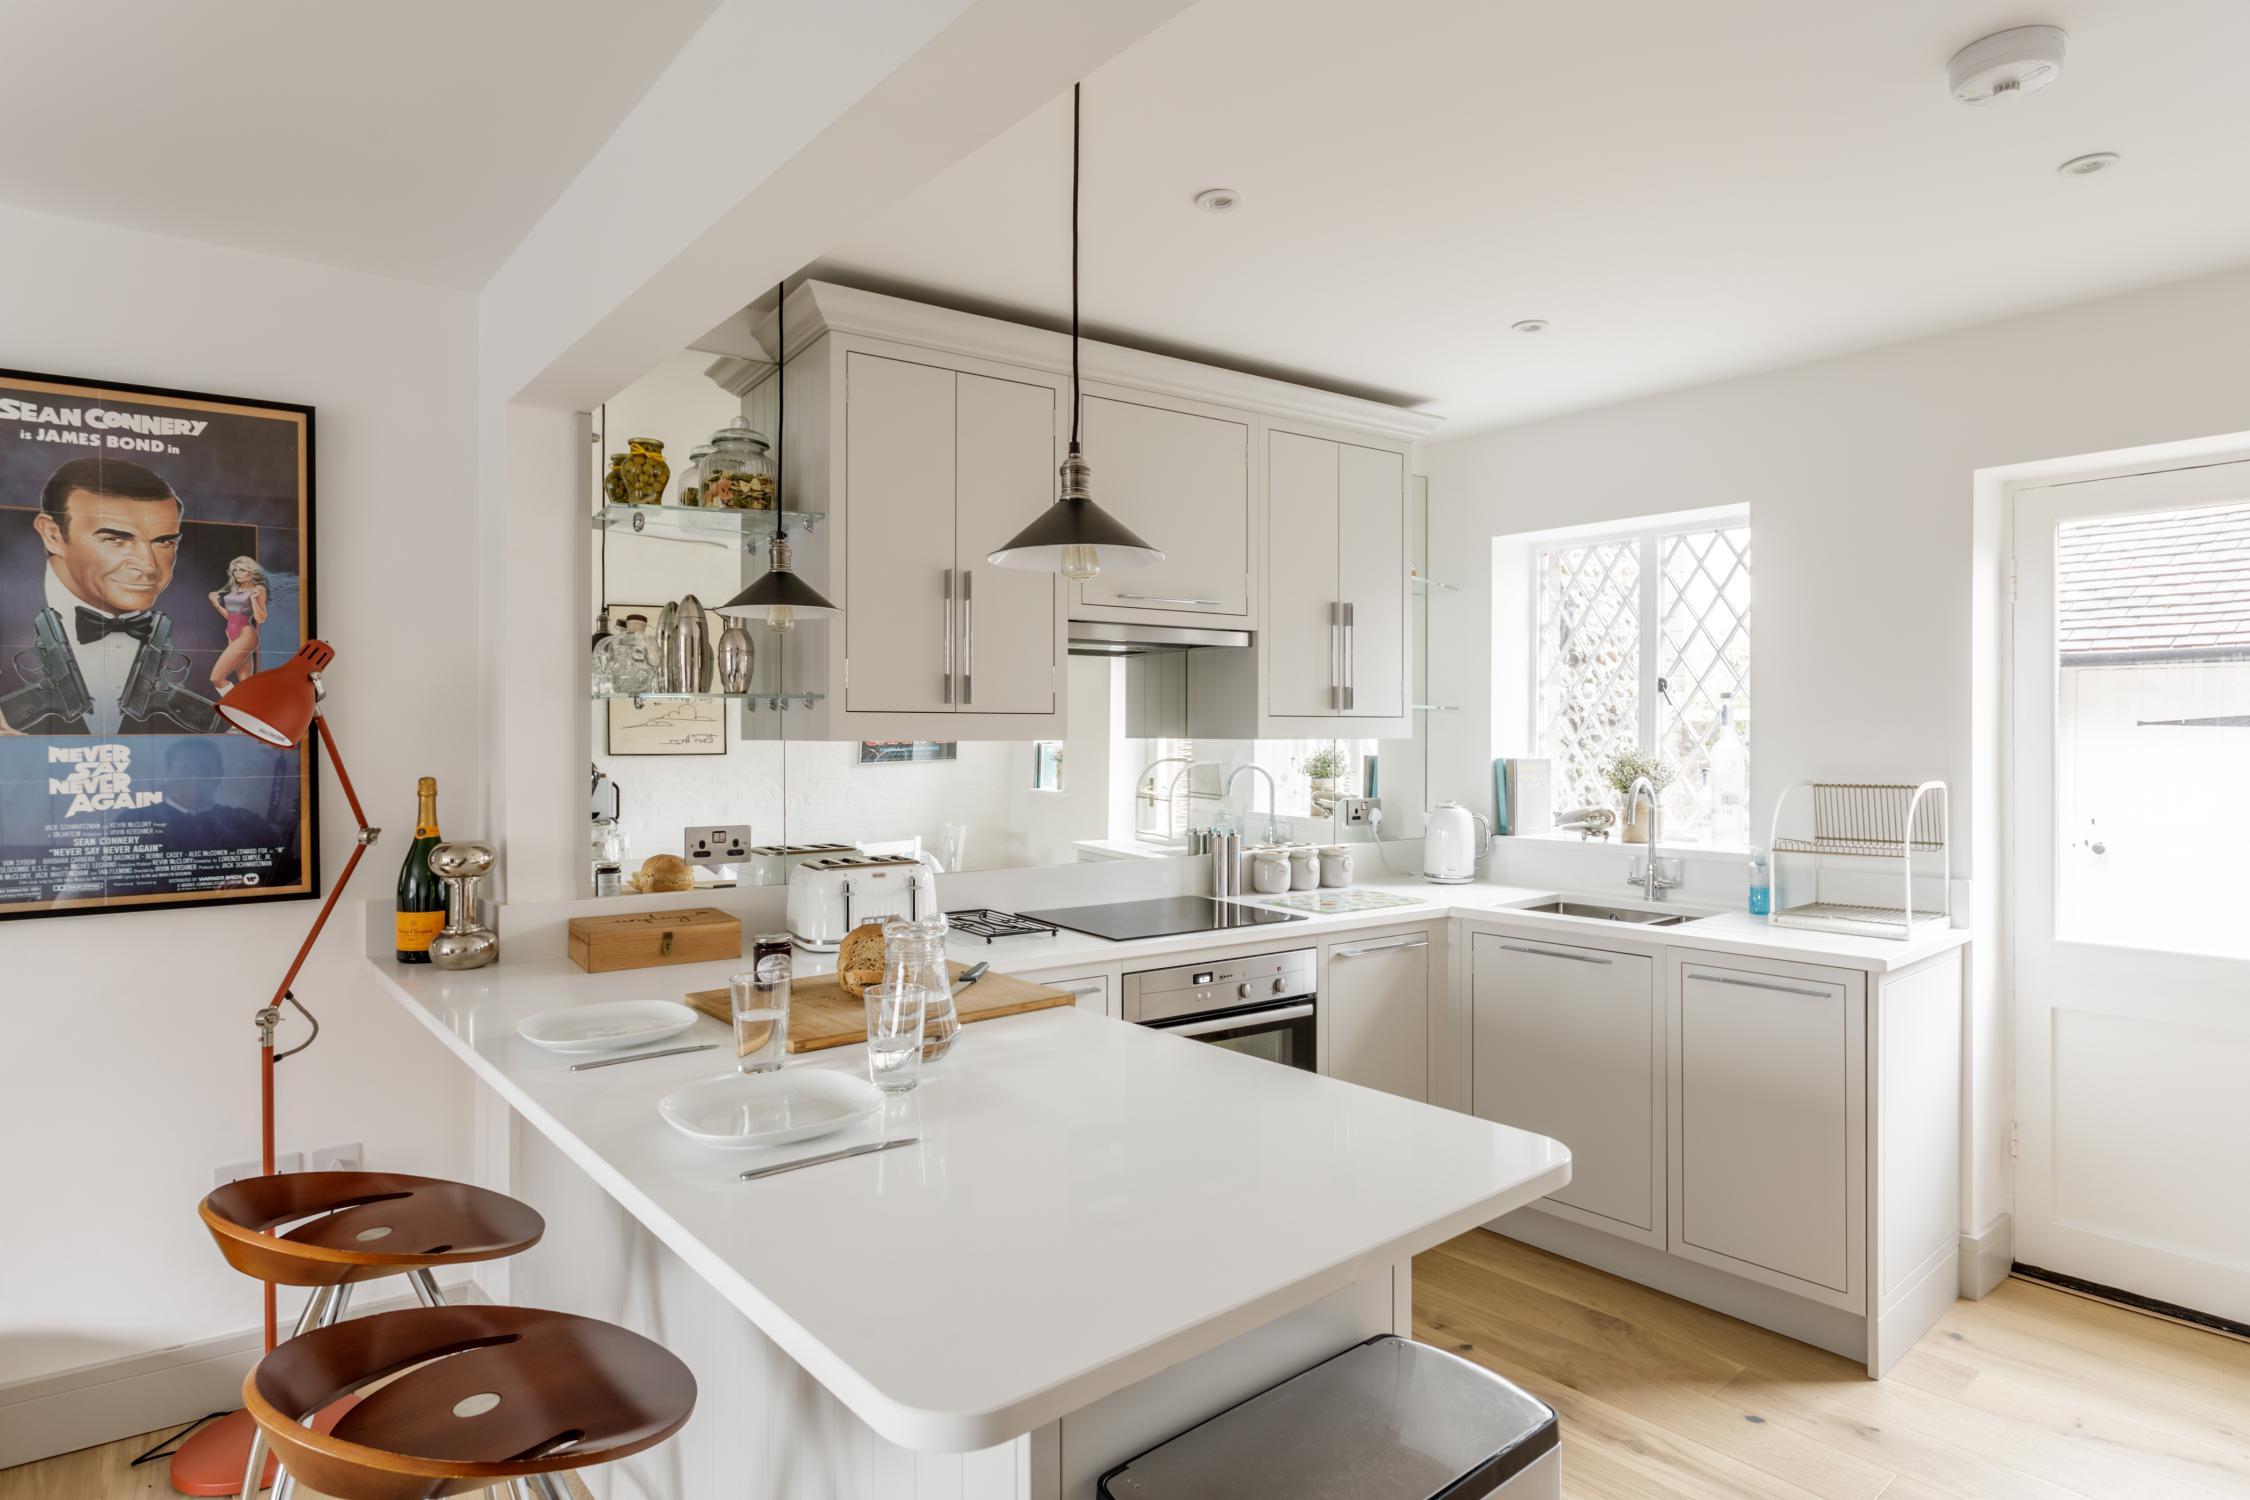 Worthing Builders-ExtraOrdinaryRooms-Arundel renovation1.jpg